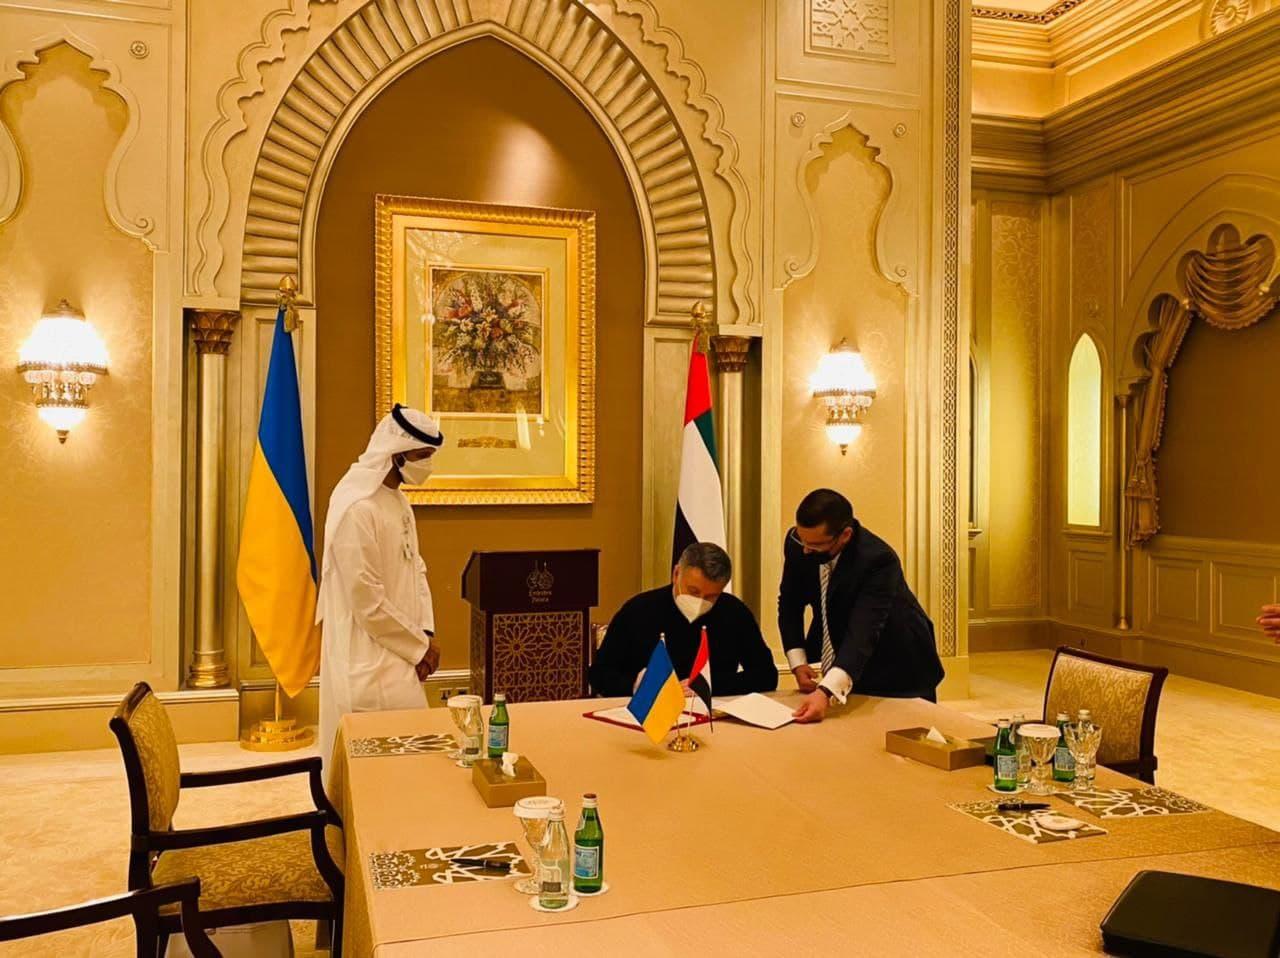 Українські водійські посвідчення визнали в ОАЕ - МВС, За кордоном, водійське посвідчення - photo 2021 02 14 09 41 47 2